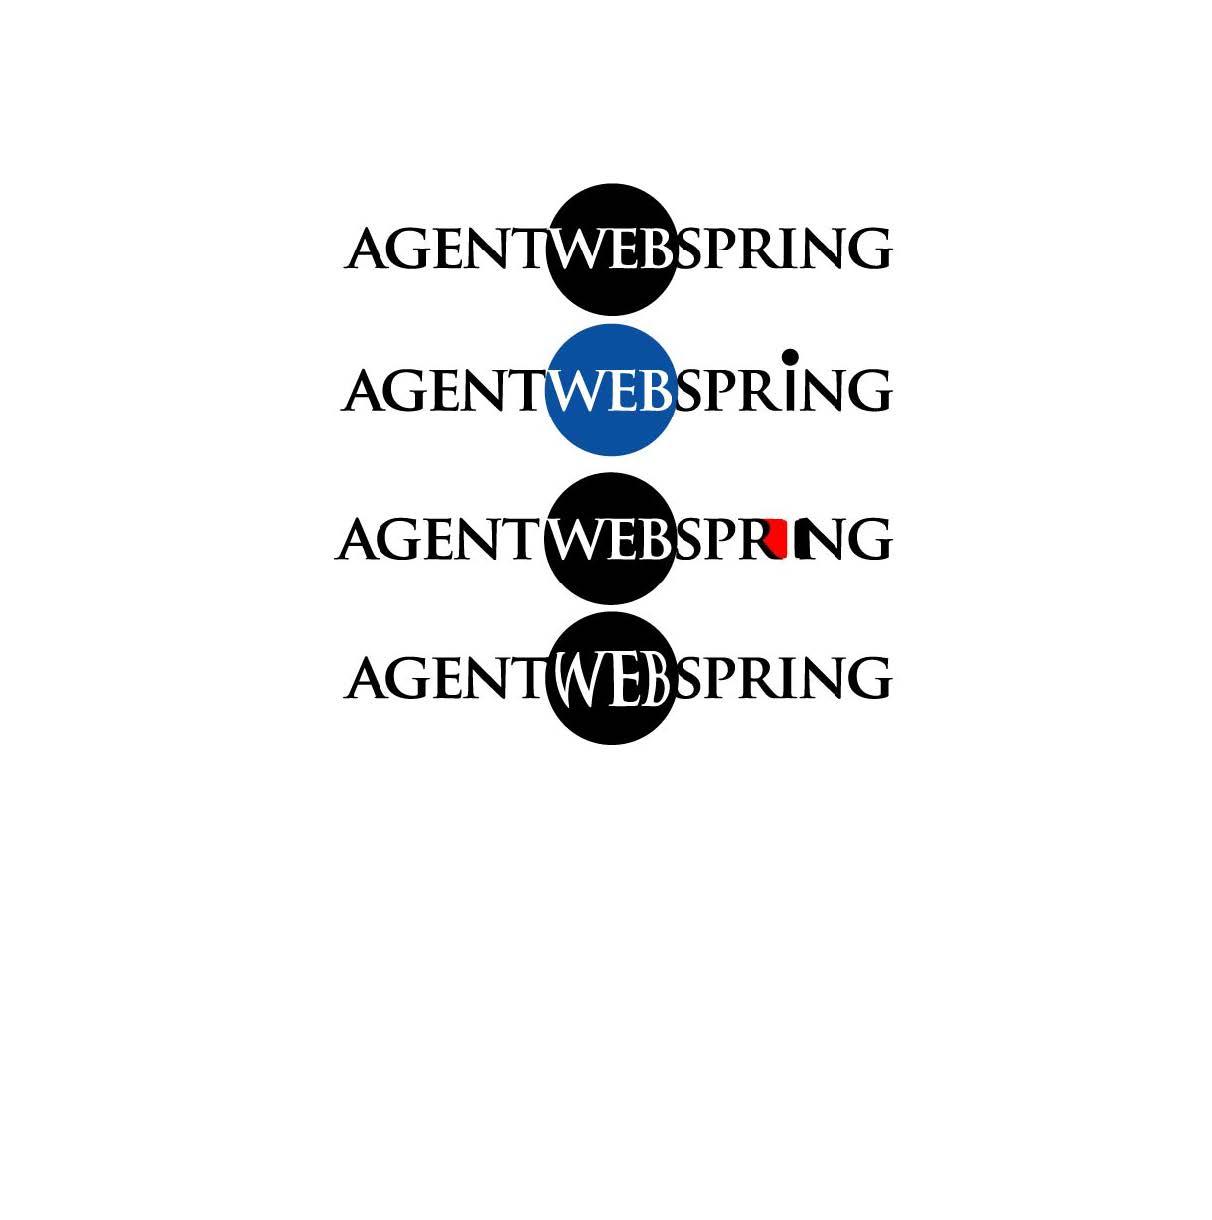 AgenWebSpring_Page_1_Image_0001.jpg